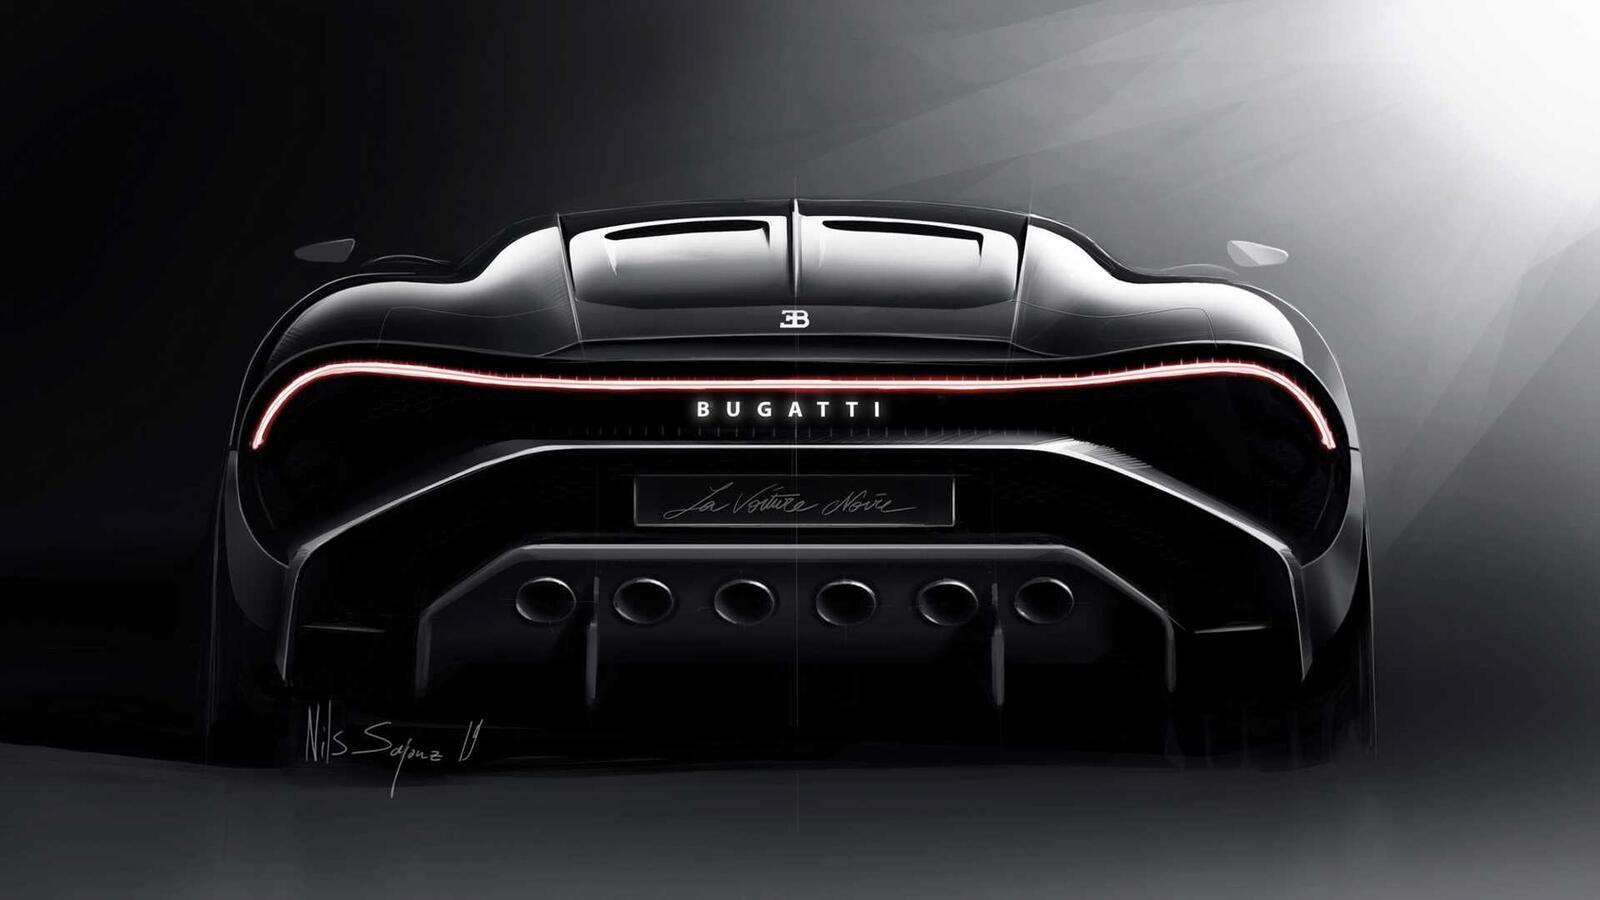 [GMS2019] Siêu phẩm Bugatti La Voatio Noire ra mắt: Chỉ một chiếc được sản xuất; giá hơn 259 tỷ đồng - Hình 9